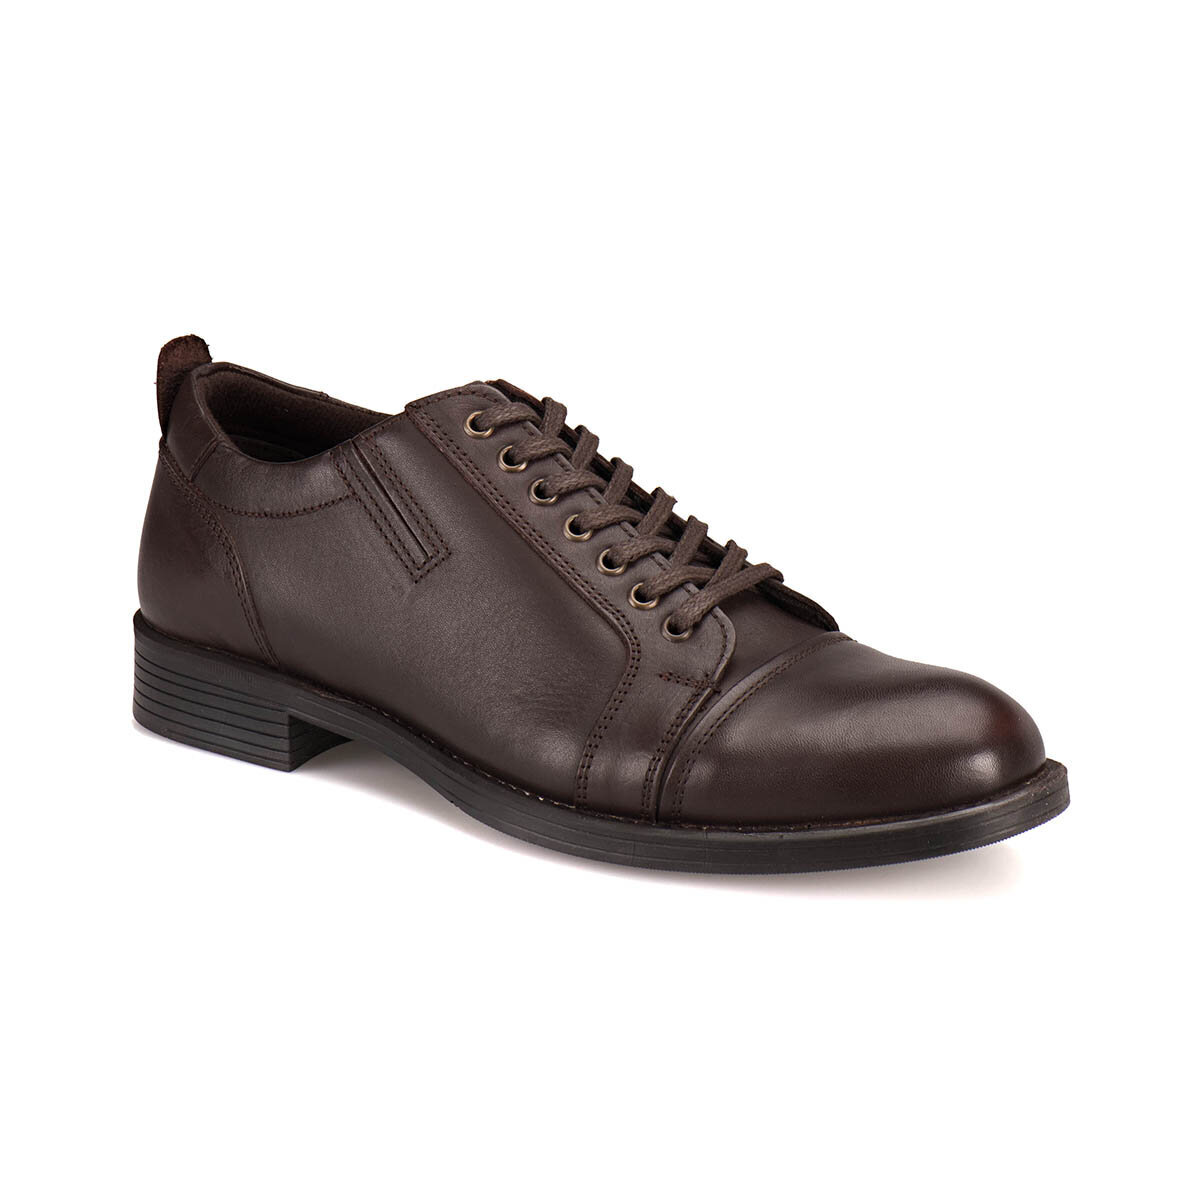 Kahverengi Erkek Klasik Ayakkabı 2060 M 6674